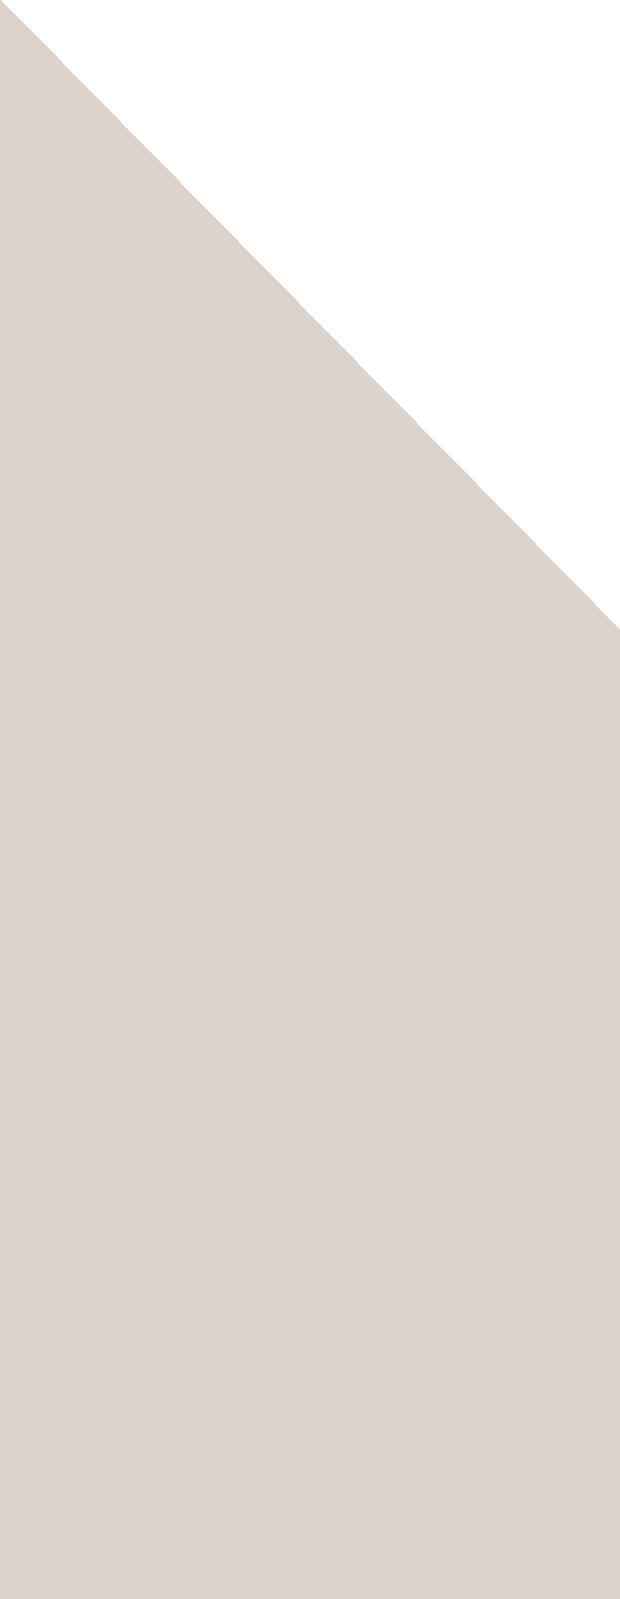 Beige Parallelogram